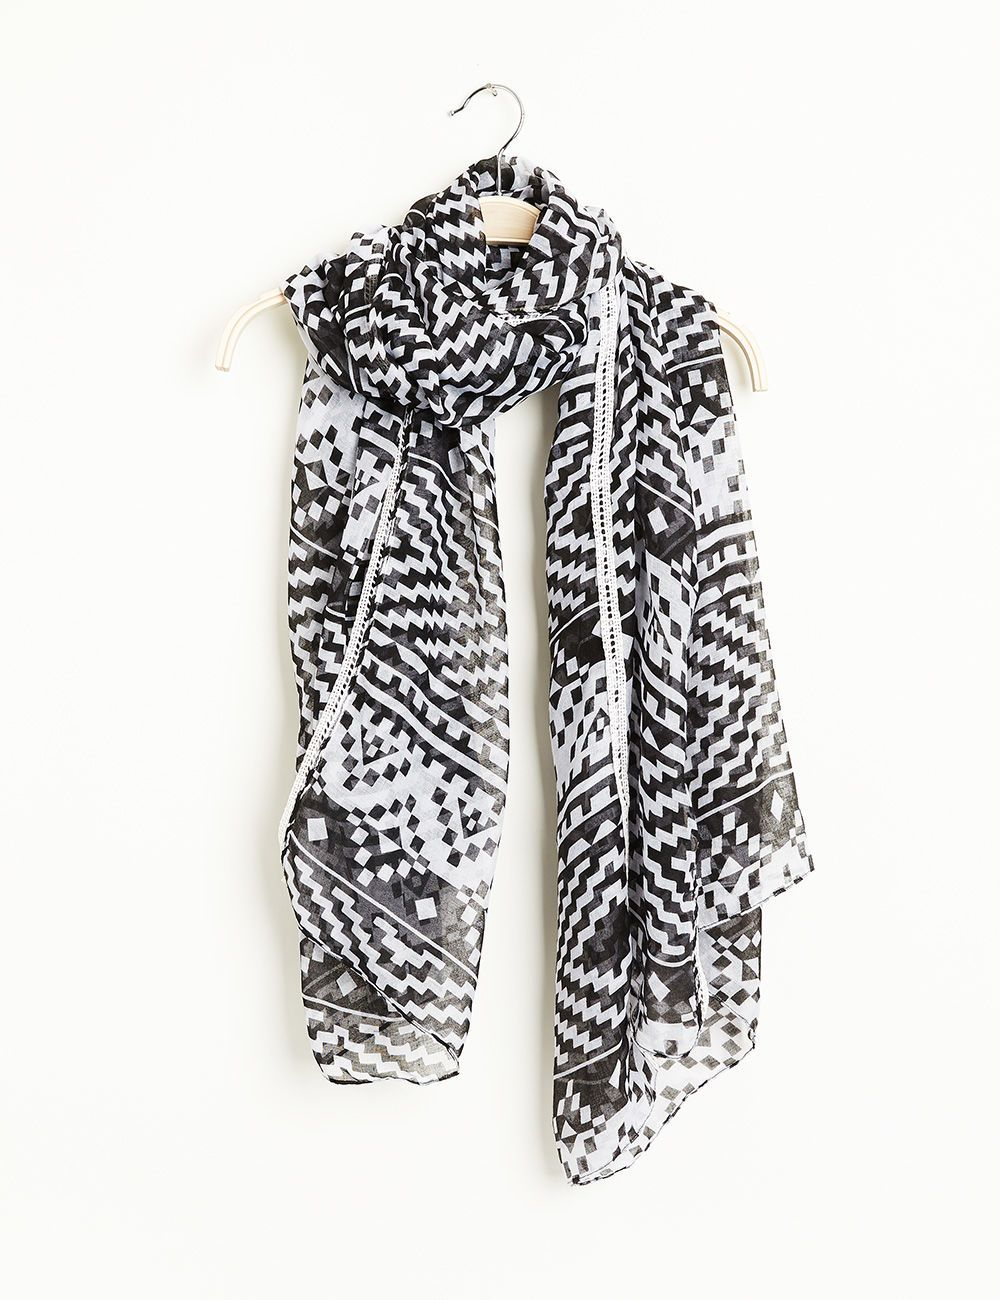 6c65a0b2ea33 Foulard imprimé aztèque noir et blanc JENNYFER 3, 99 euros   soldes ...